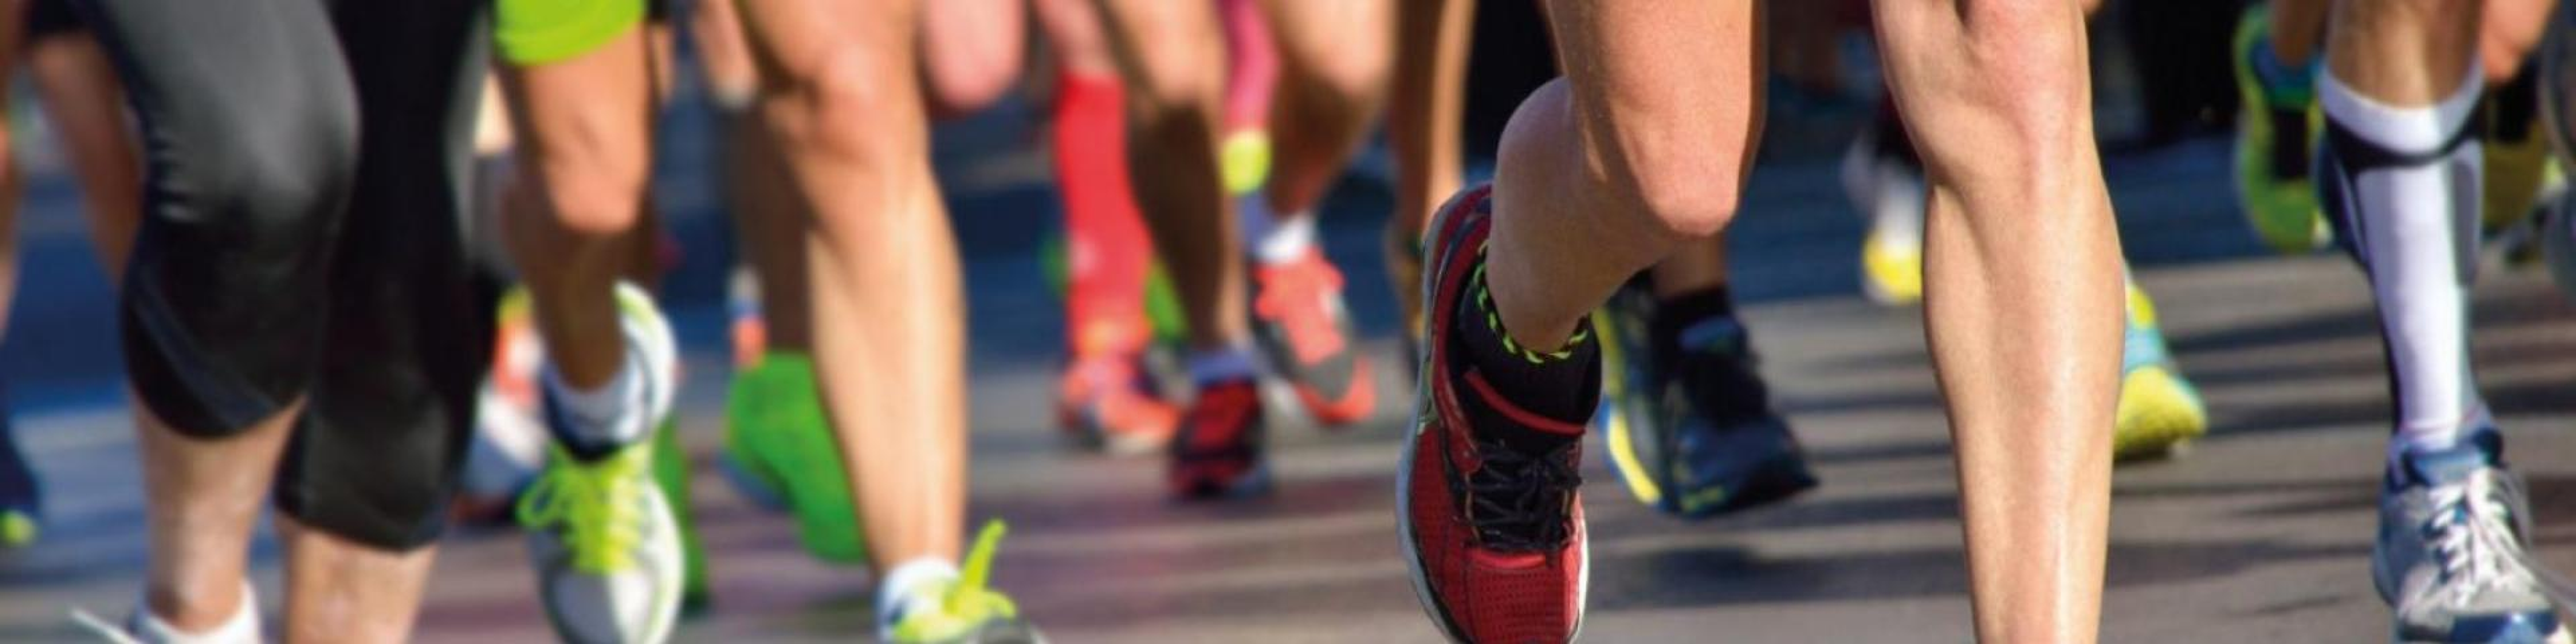 Start to jog